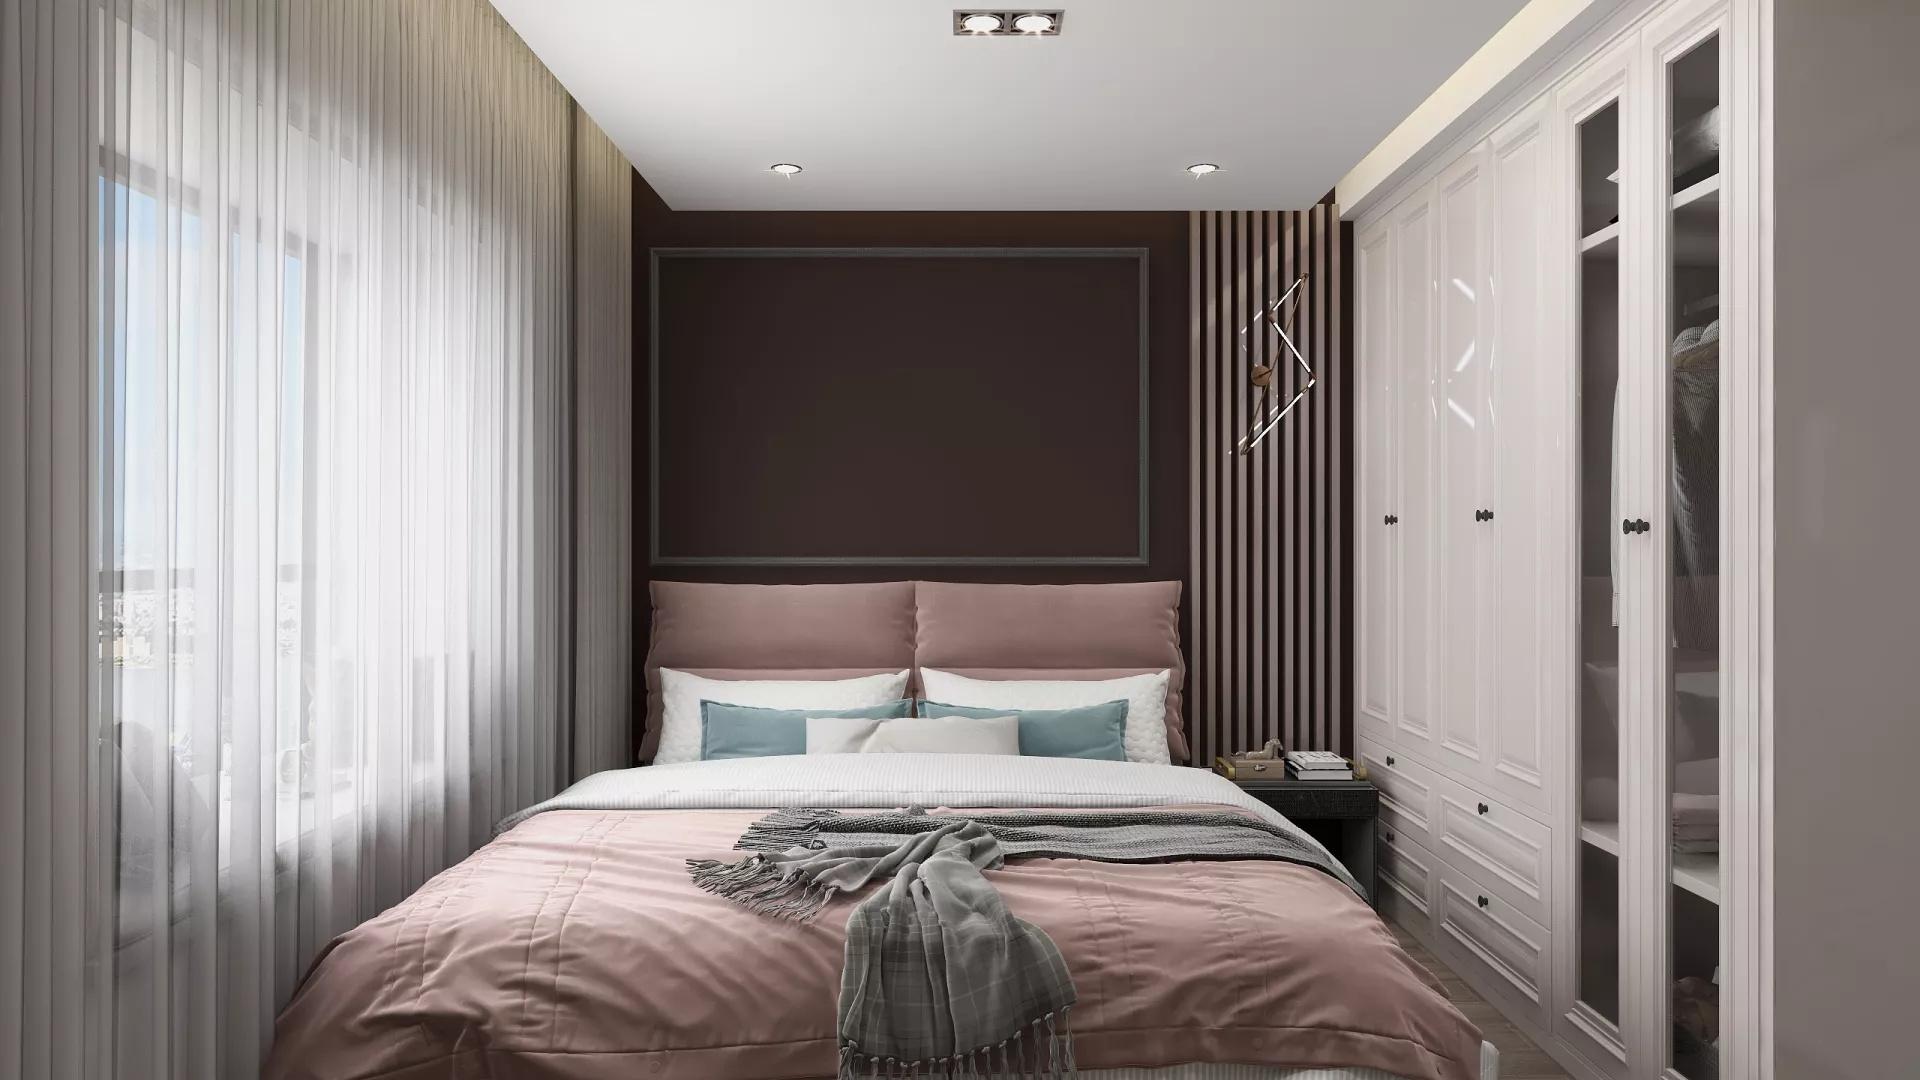 窗簾如何選購?窗簾選購要注意哪些方面?